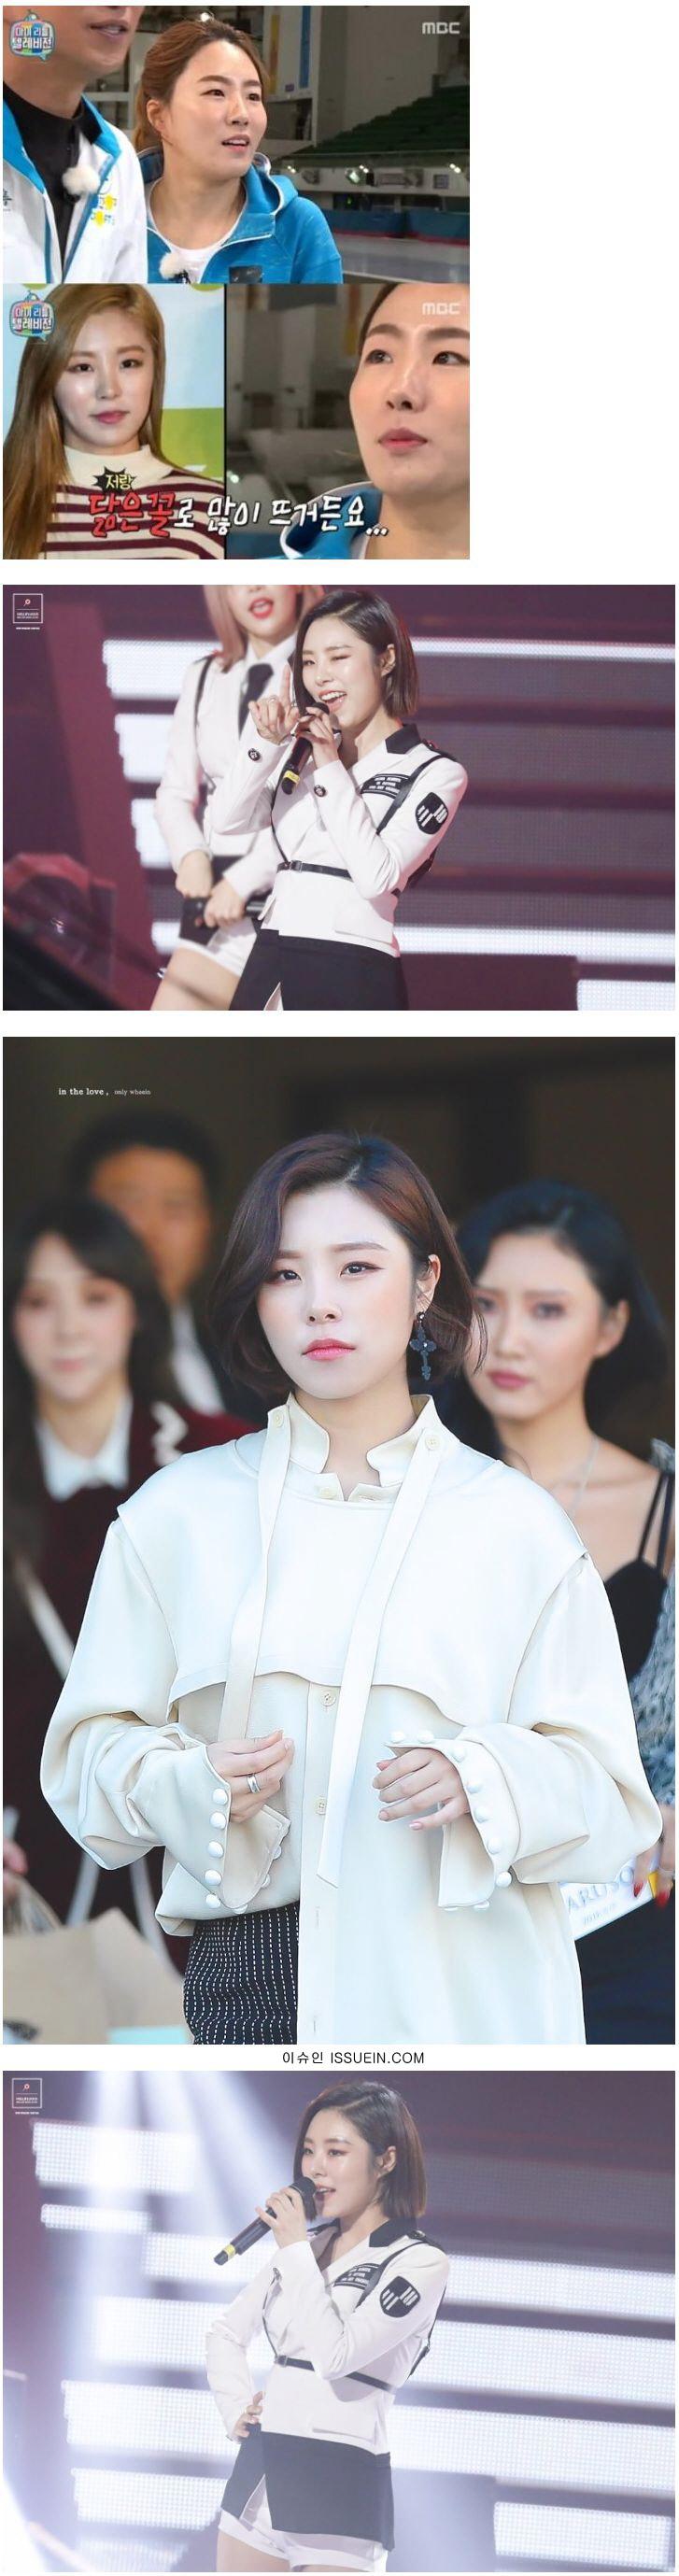 이상화 닮은 아이돌